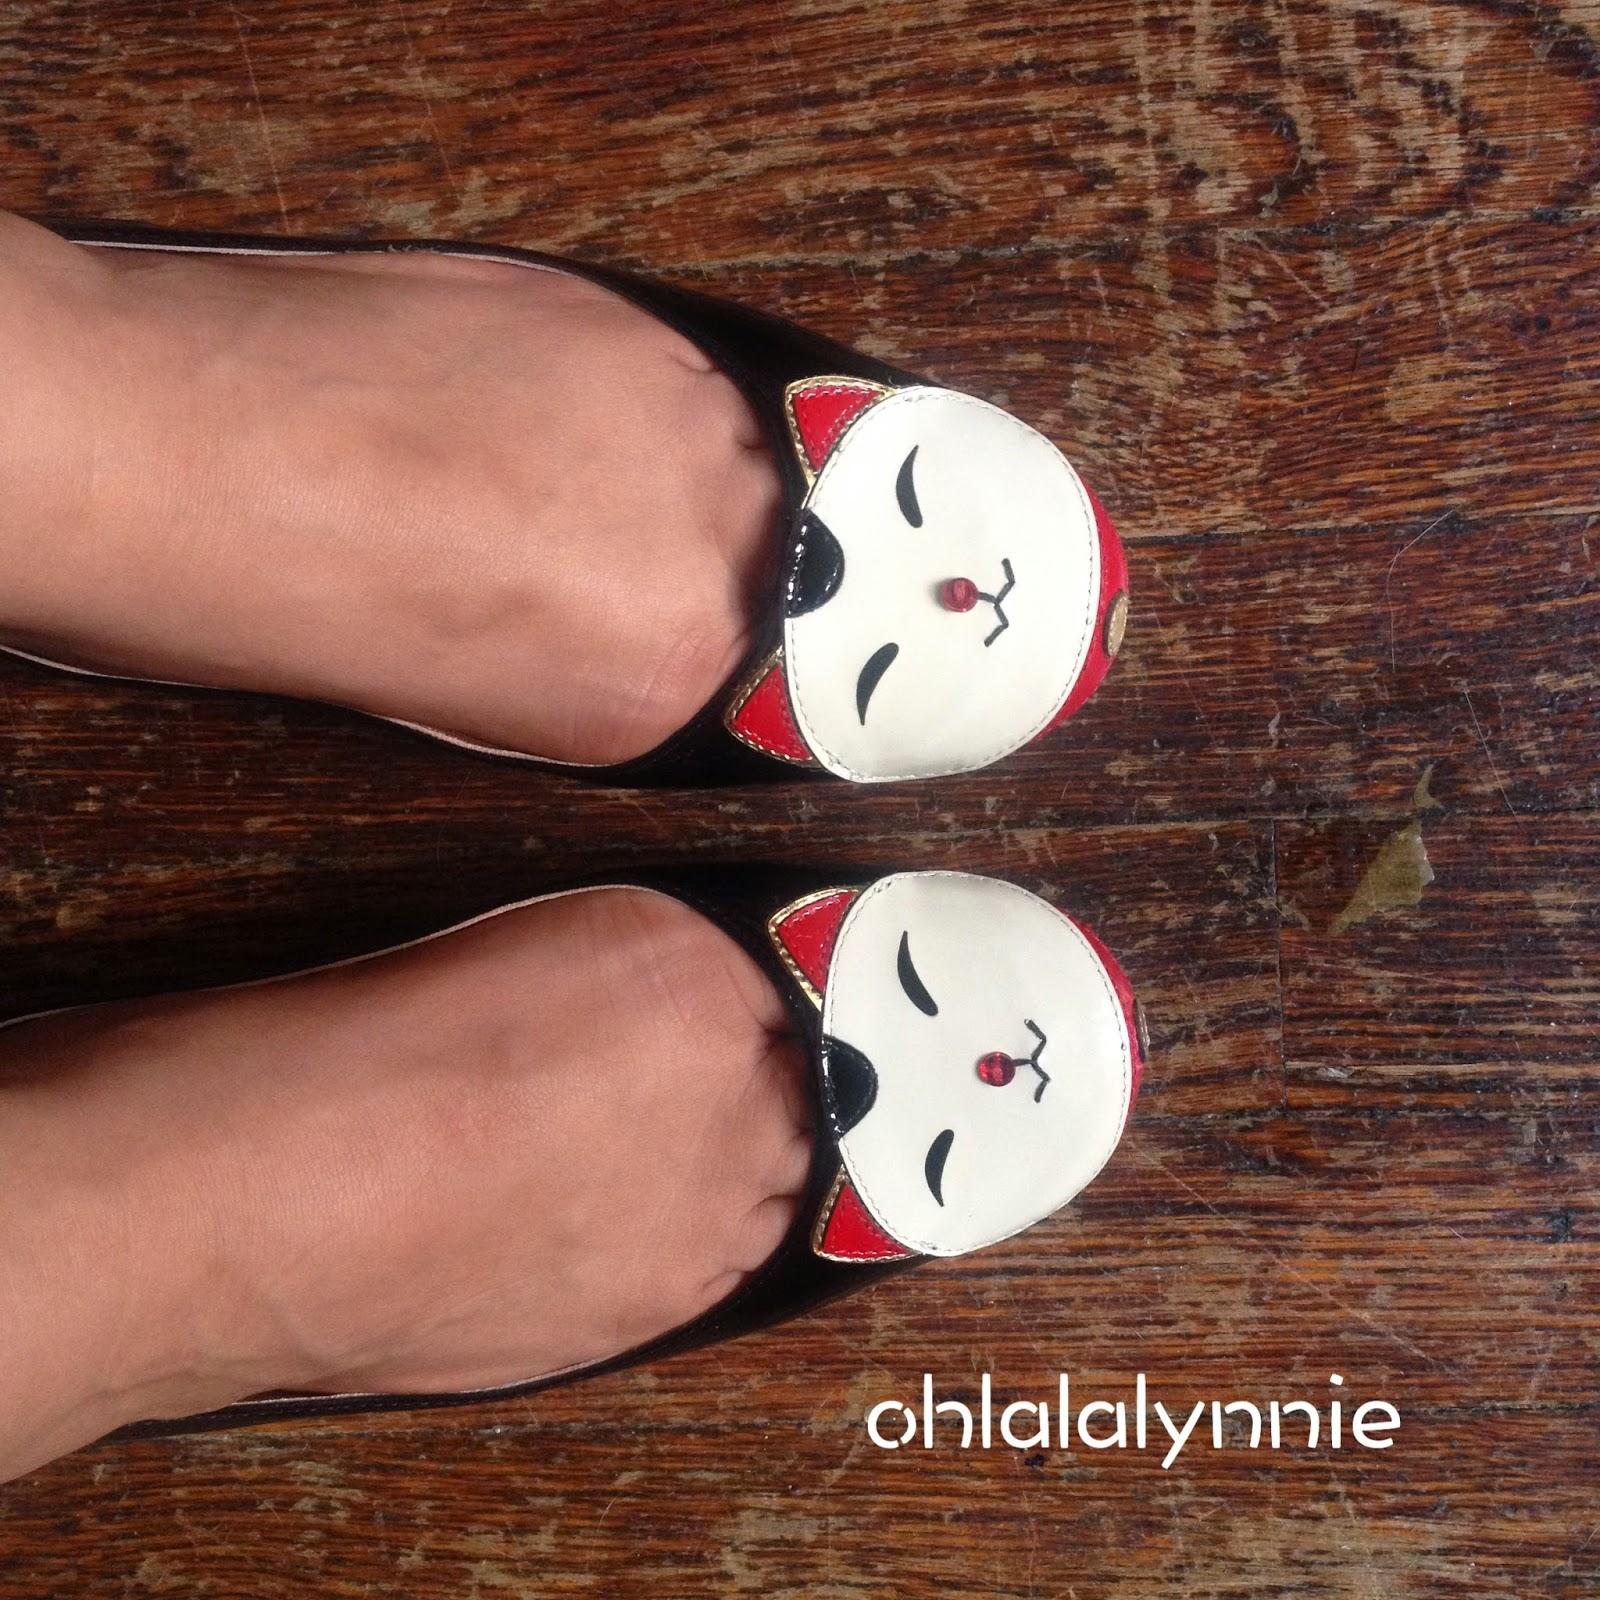 Do Kate Spade Shoes Run Narrow